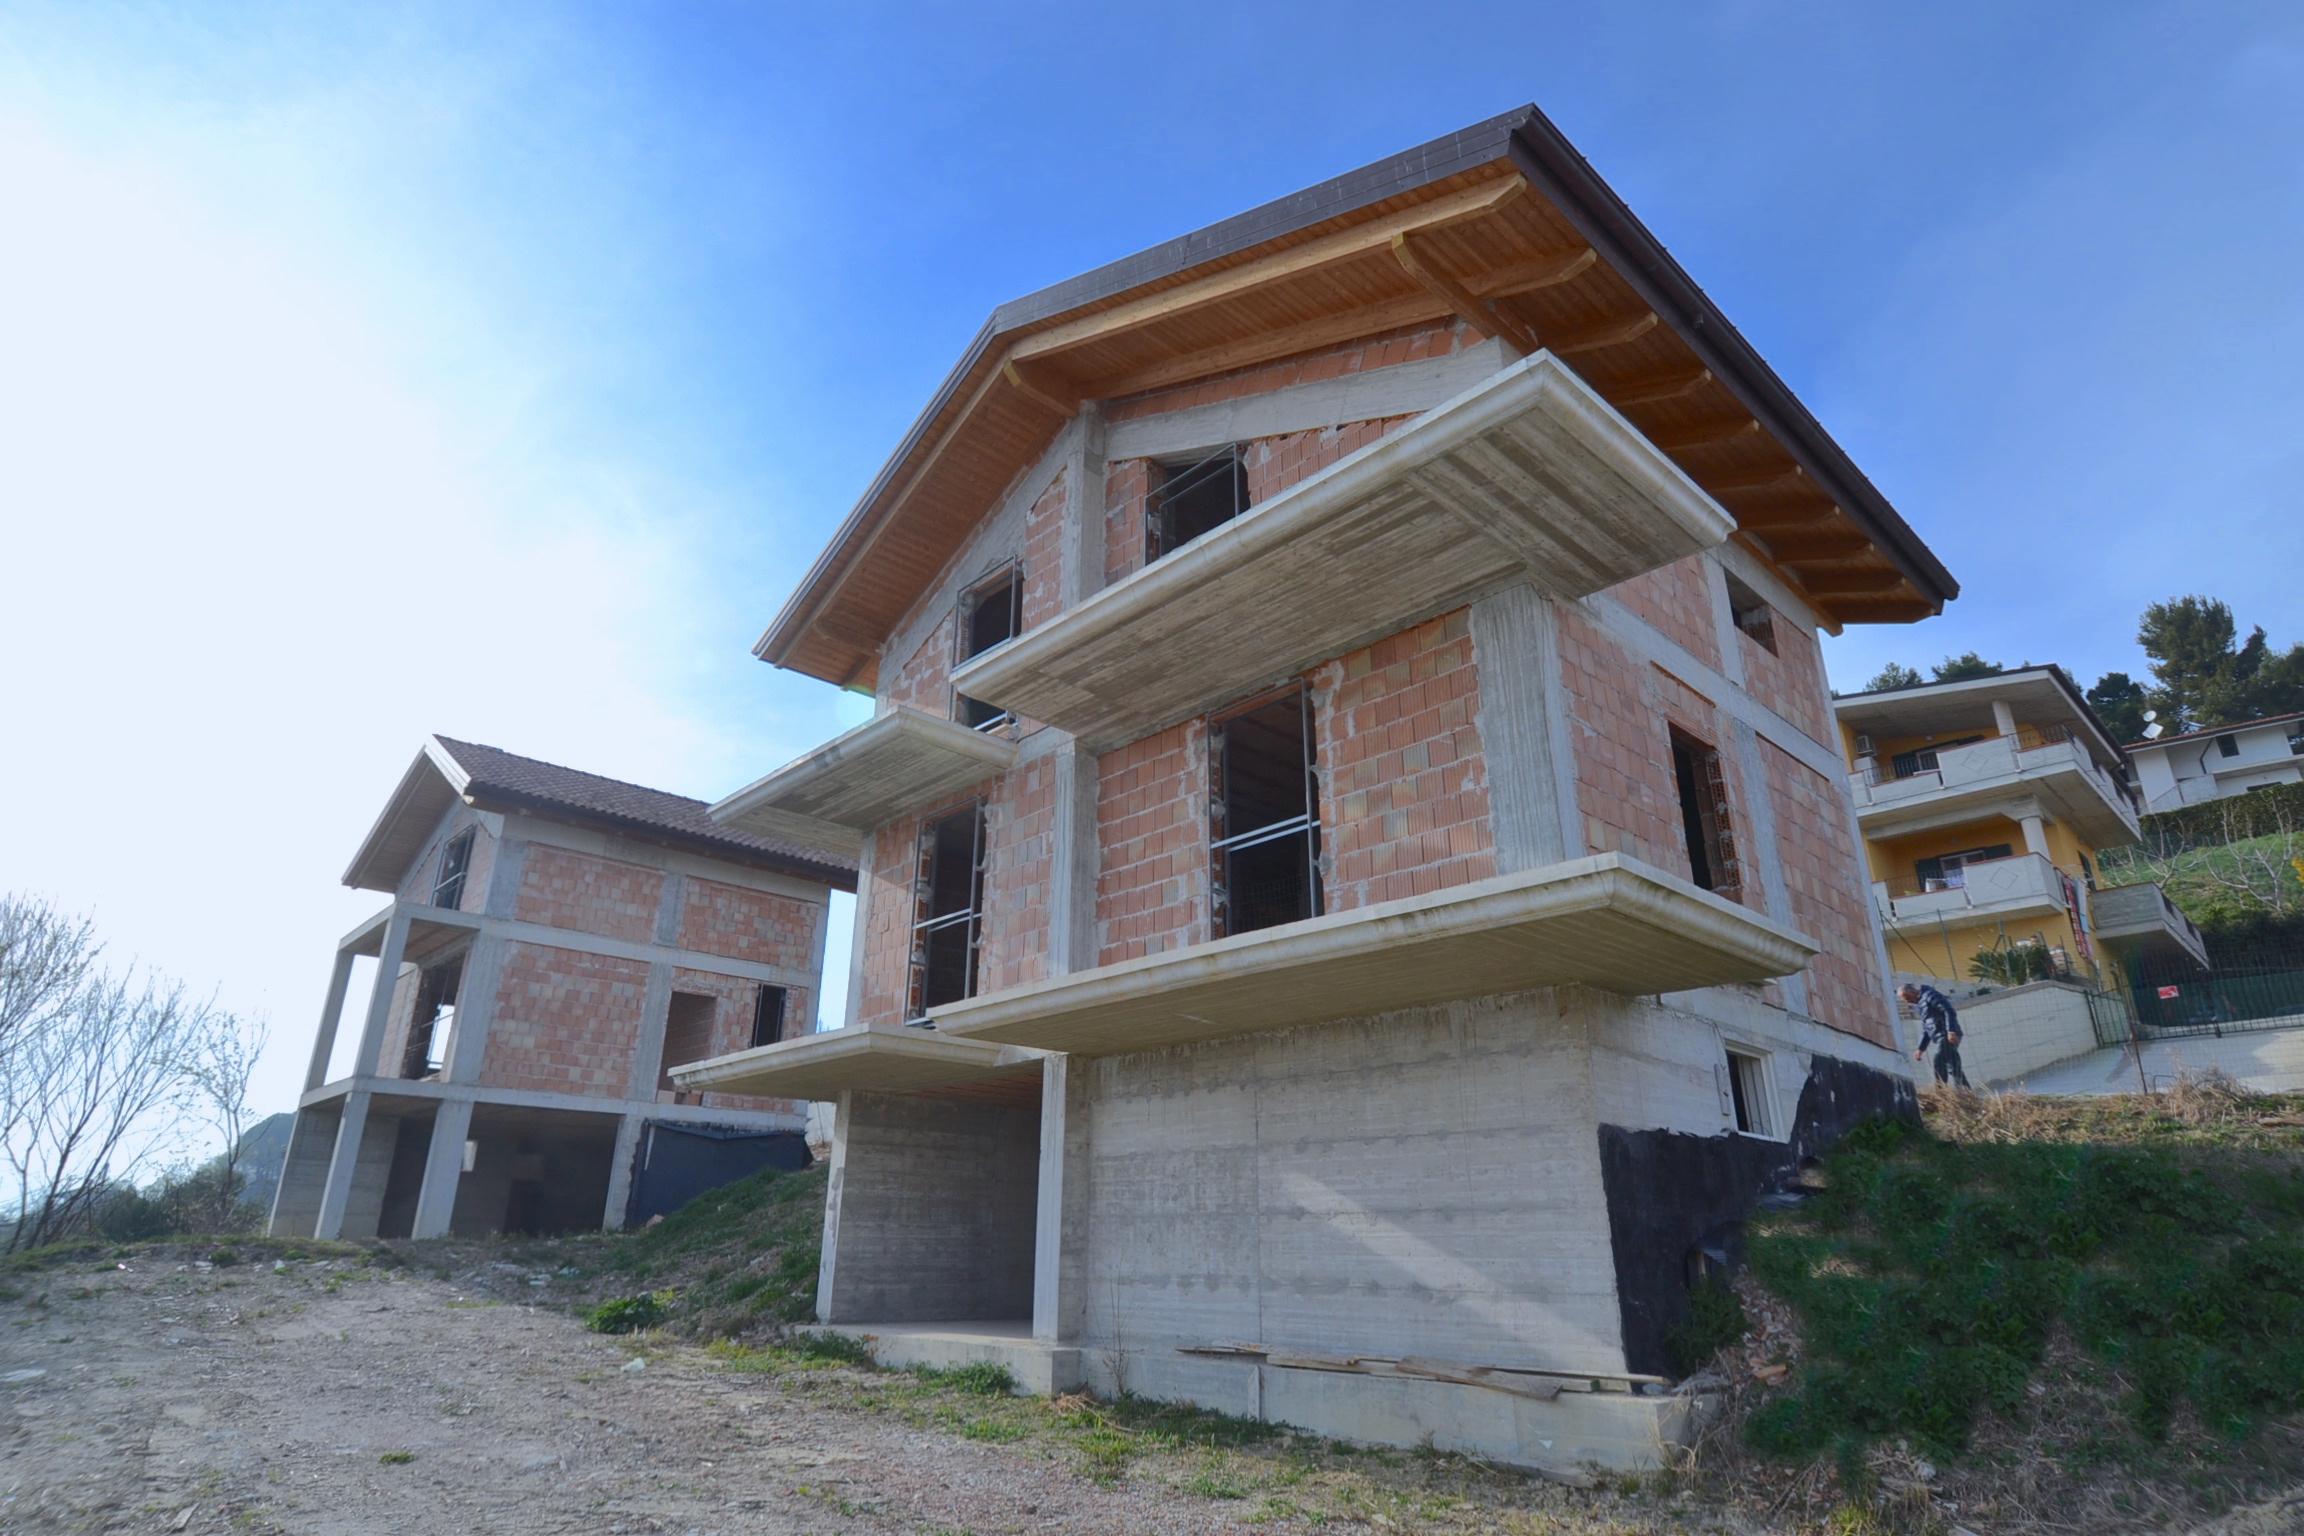 Italia Bagno Srl Colonnella.Villa In Vendita A Colonnella Cod 26355